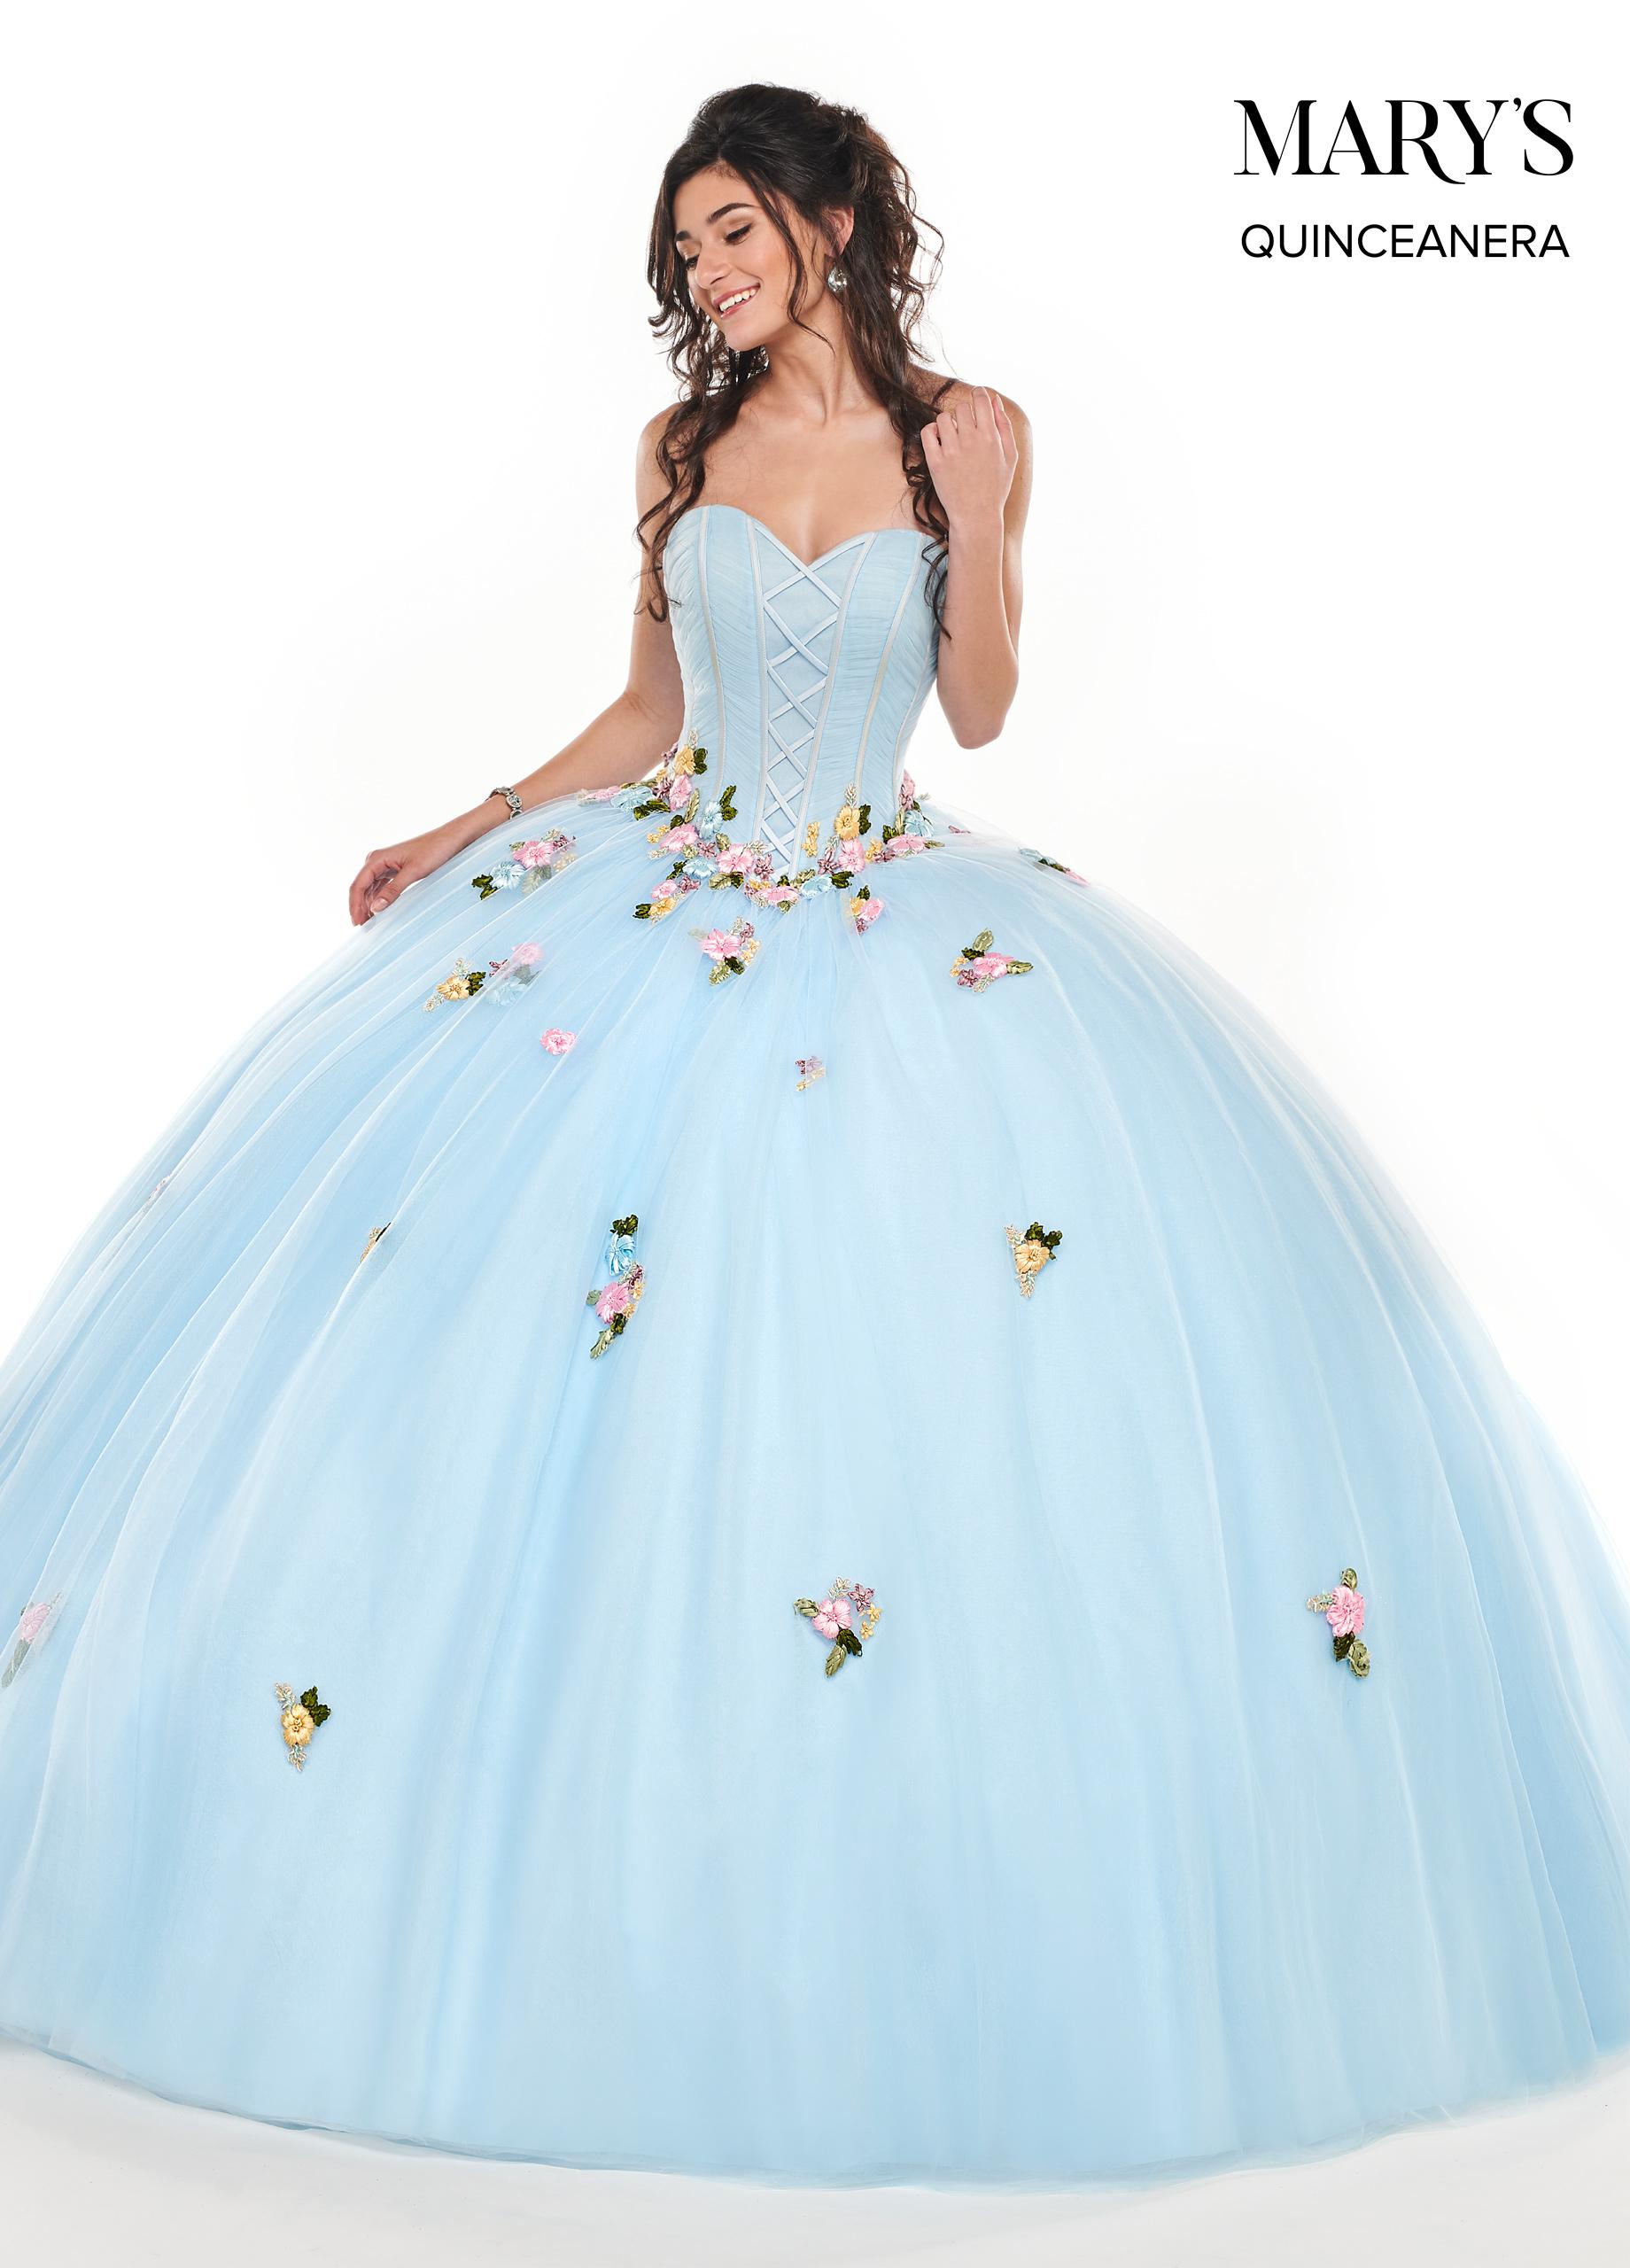 5218b4950f5 Marys Quinceanera Dresses